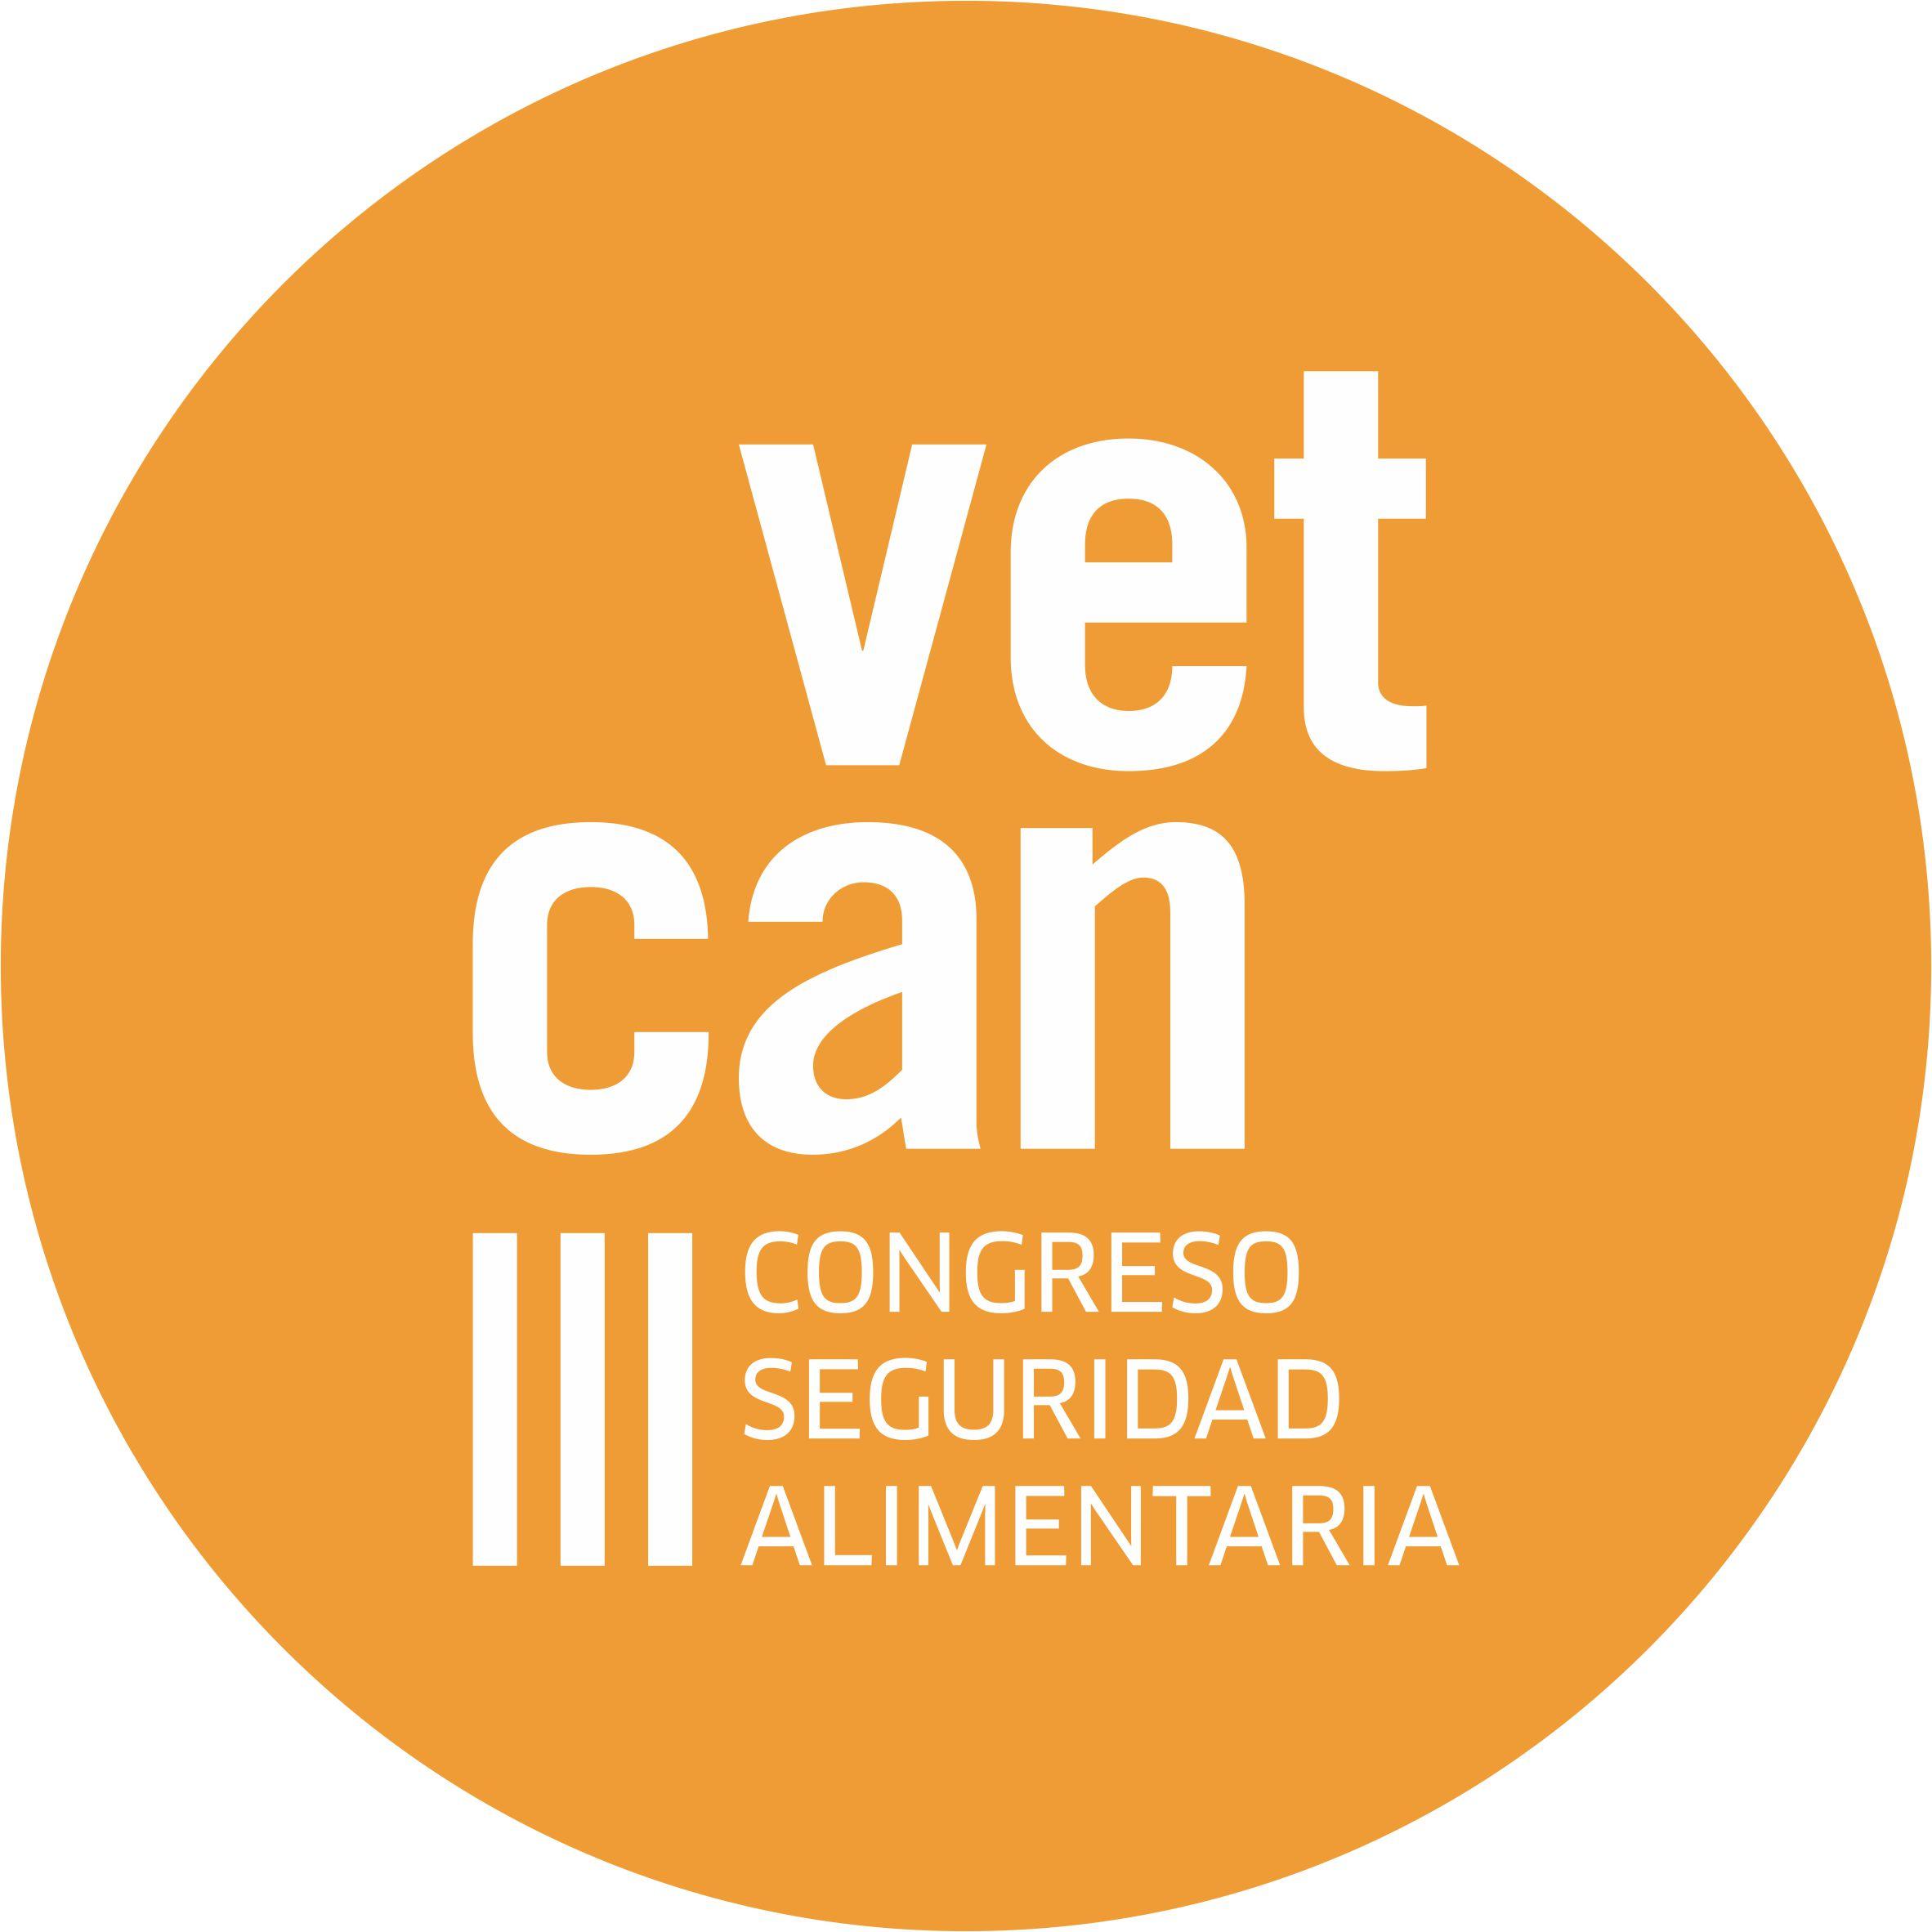 Tercer Congreso de Veterinarios de Seguridad Alimentaria de Canarias